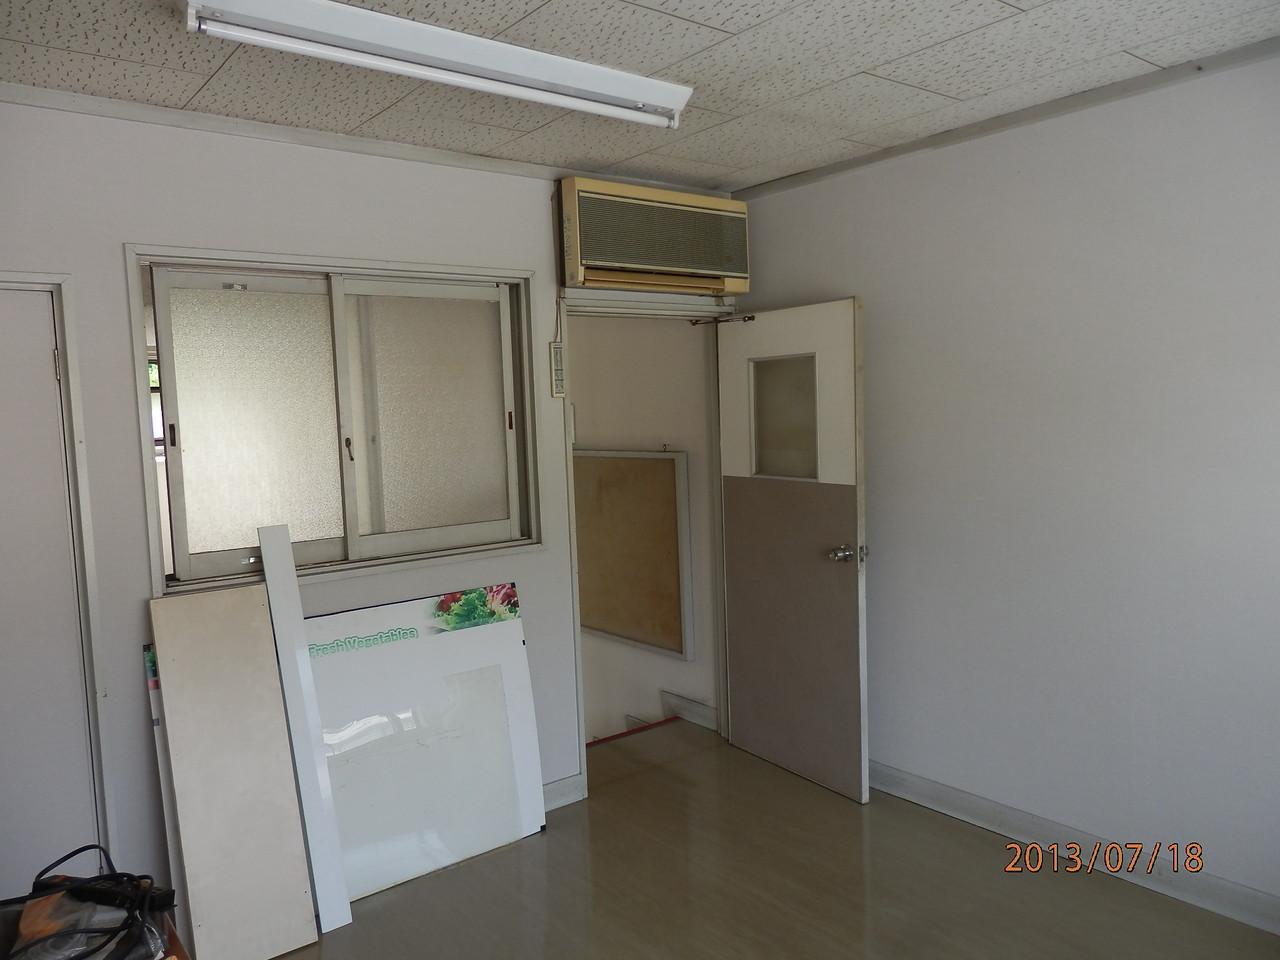 KECビル2階、203号室(2.5坪)室内から入口方向